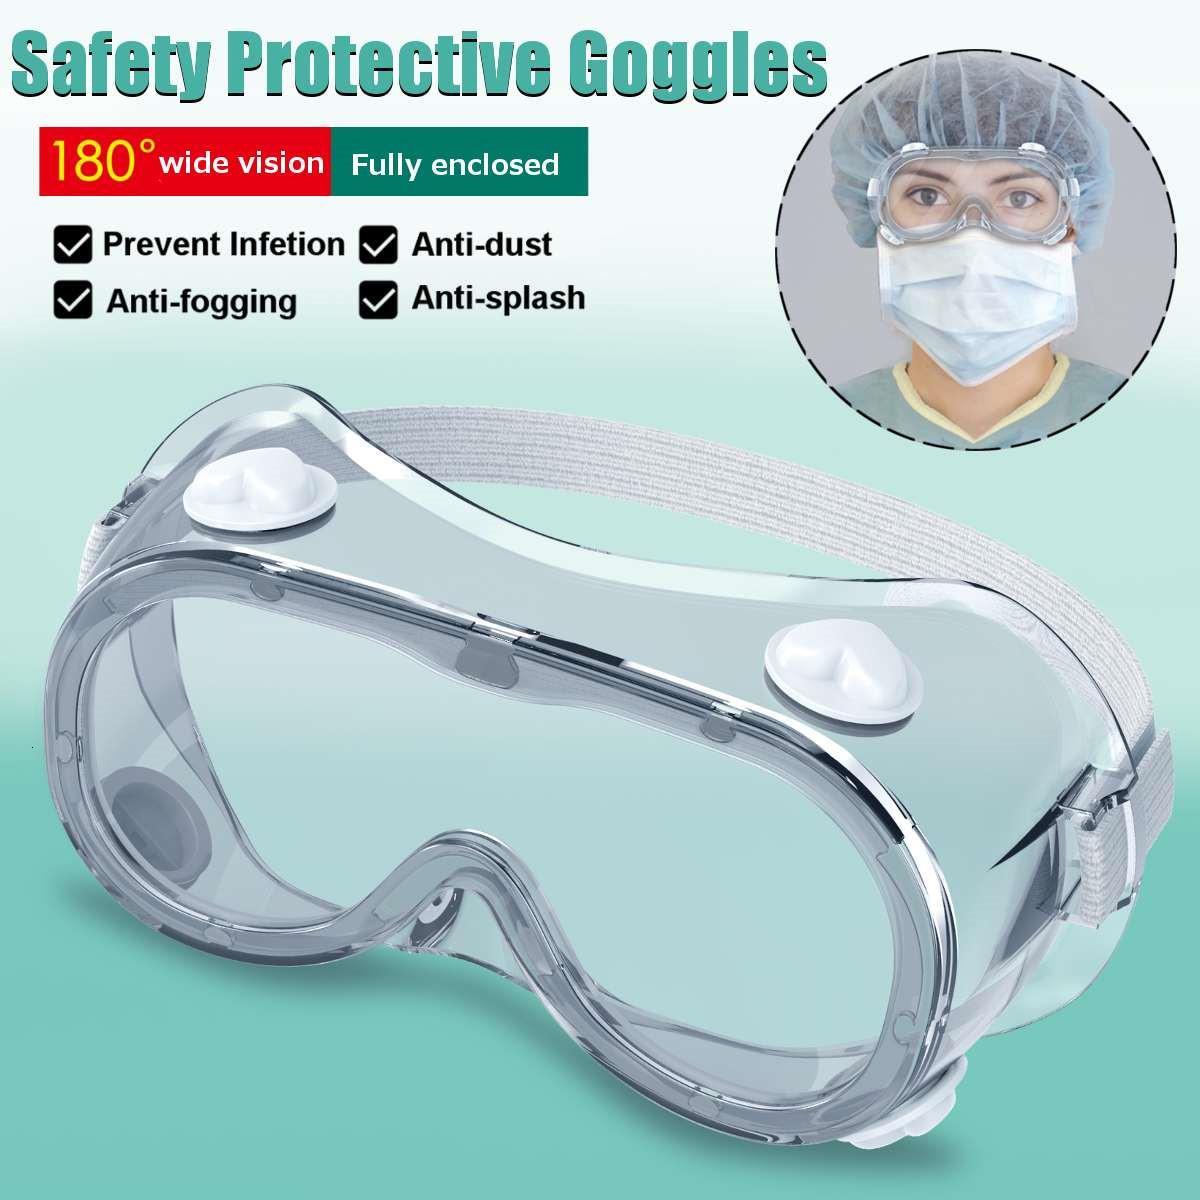 Occhiali protettivi 2 Tipo Goggles di sicurezza Goggles ampia Visione Monouso Eyrable Vent Anti-Fog Goggles Splash